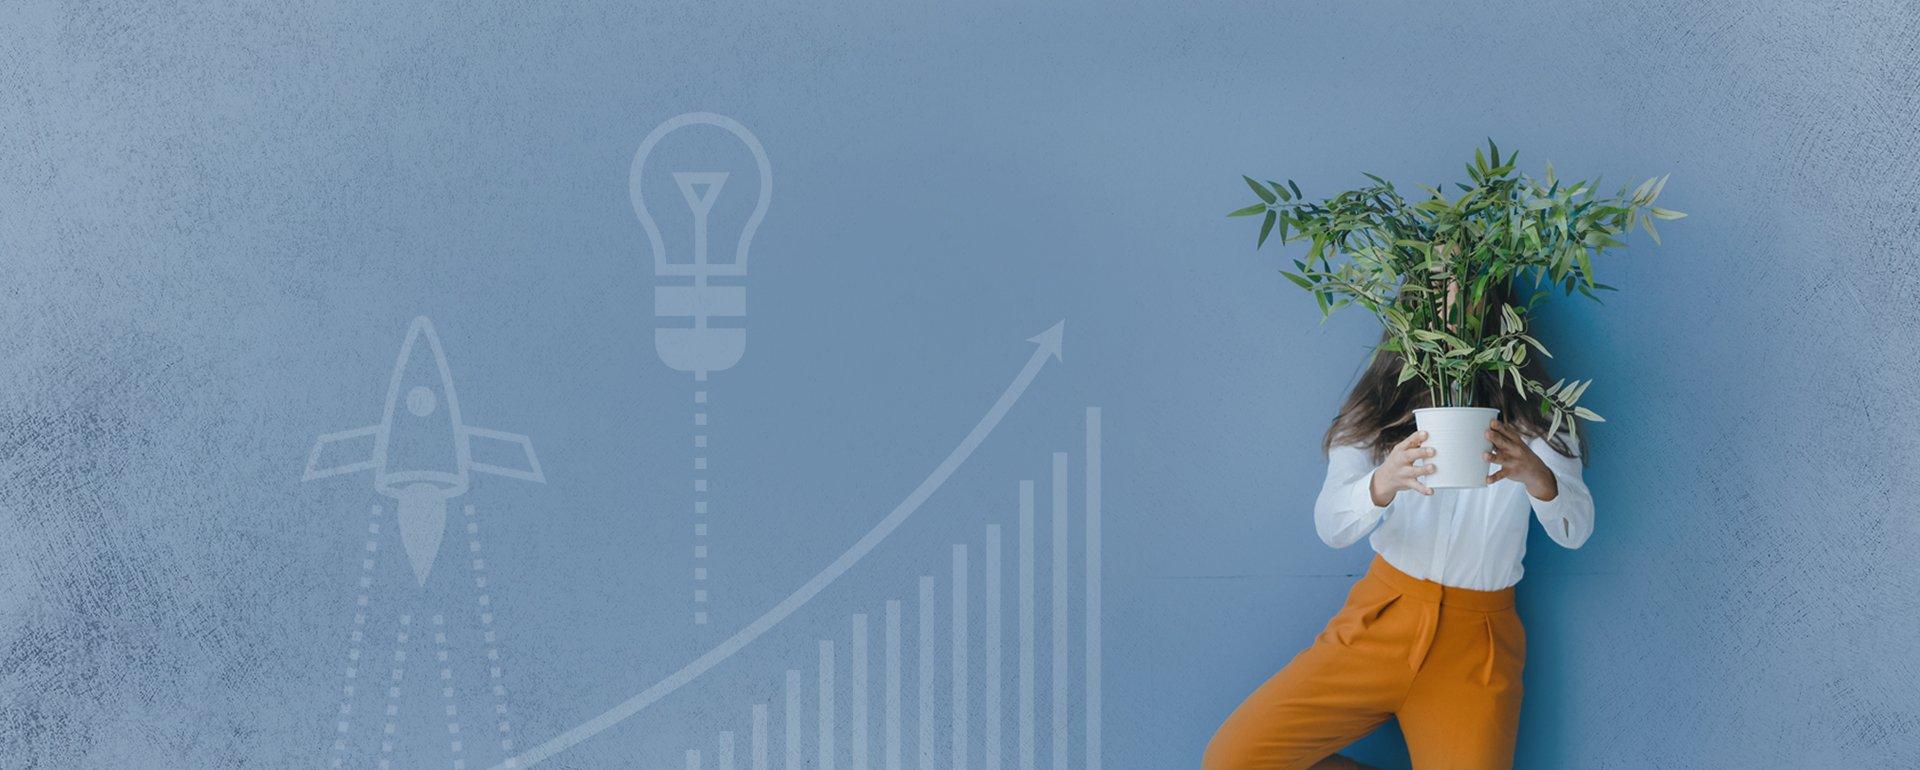 Precision Marketing Group   B2B Revenue Engine